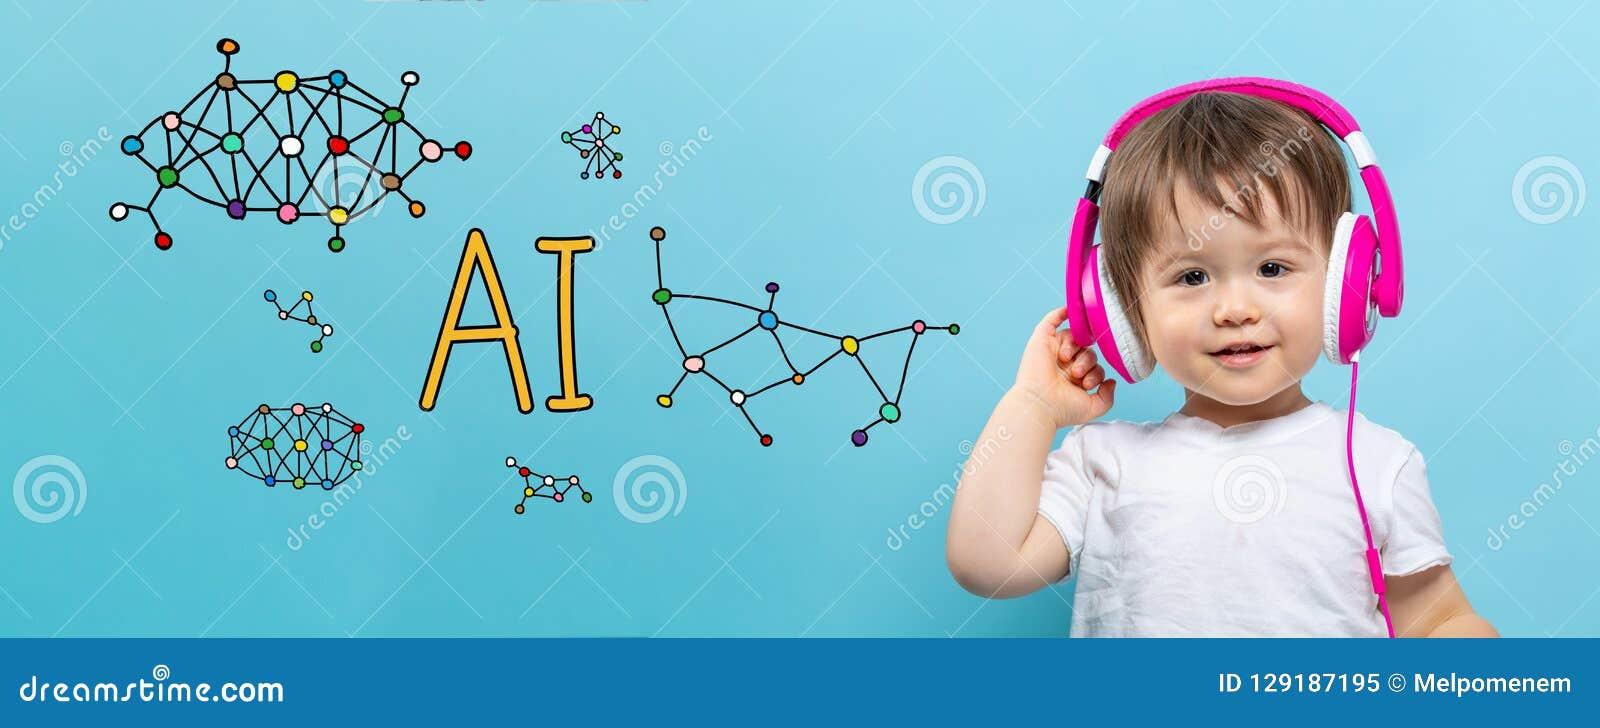 Тема AI с мальчиком малыша с наушниками